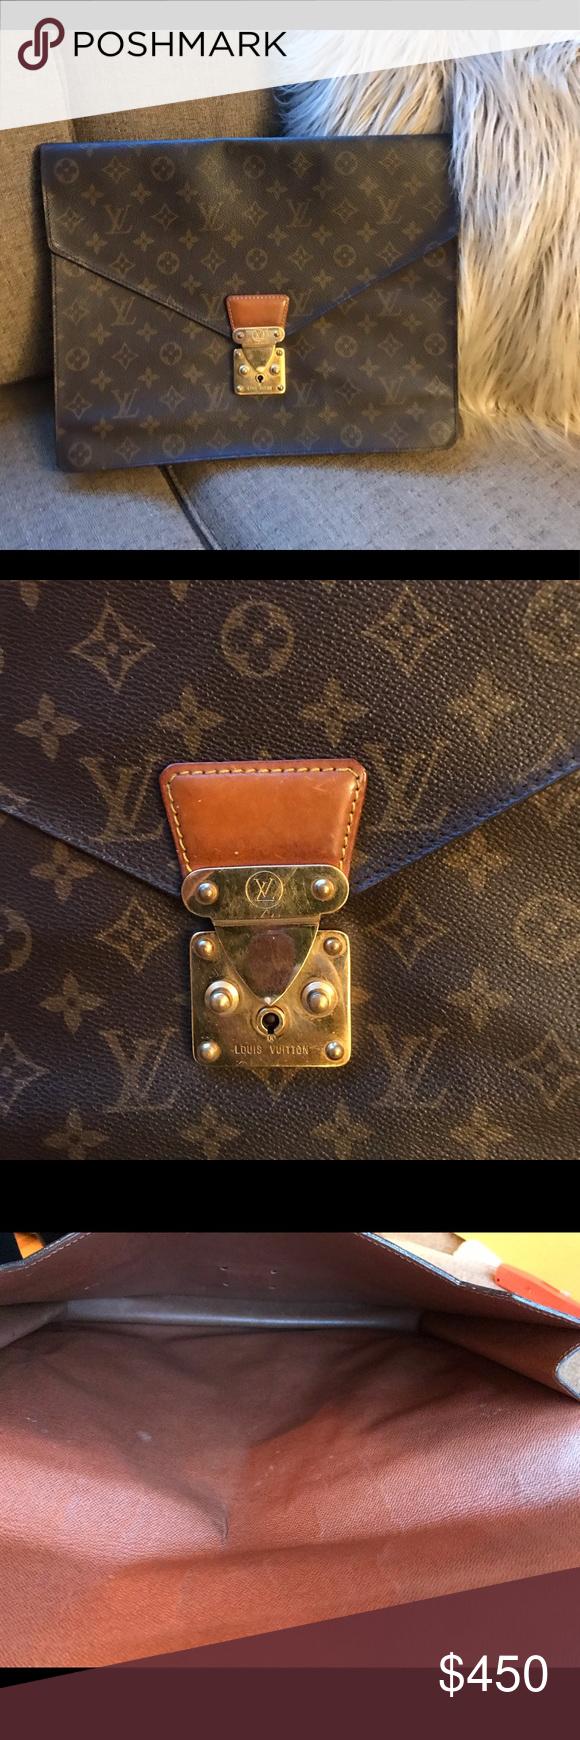 Authentic Louis Vuitton Envelope Clutch Monogram Authentic Louis Vuitton Louis Vuitton Louis Vuitton Bag